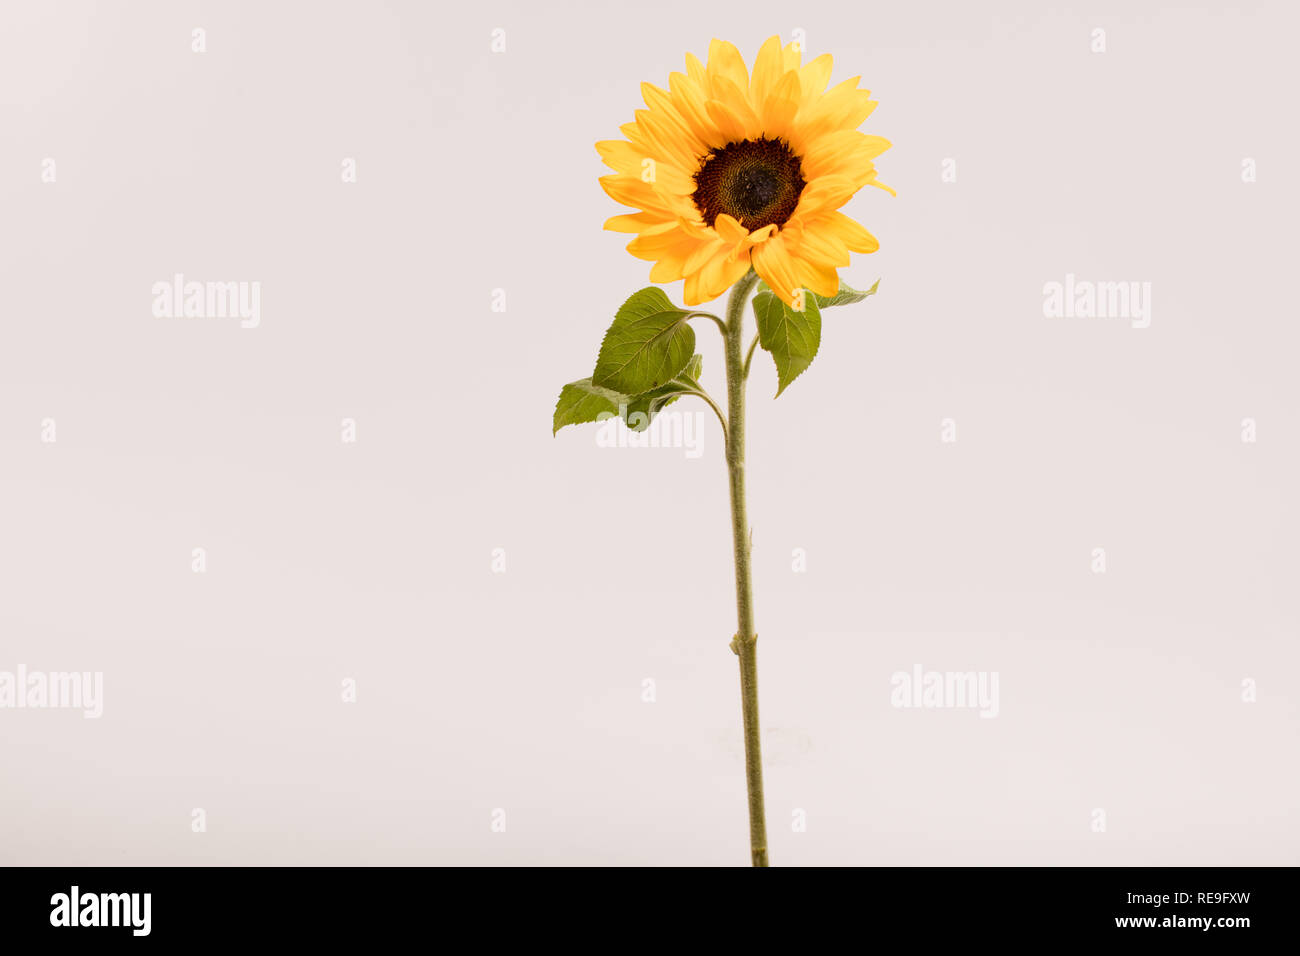 Summer Flower - Stock Image